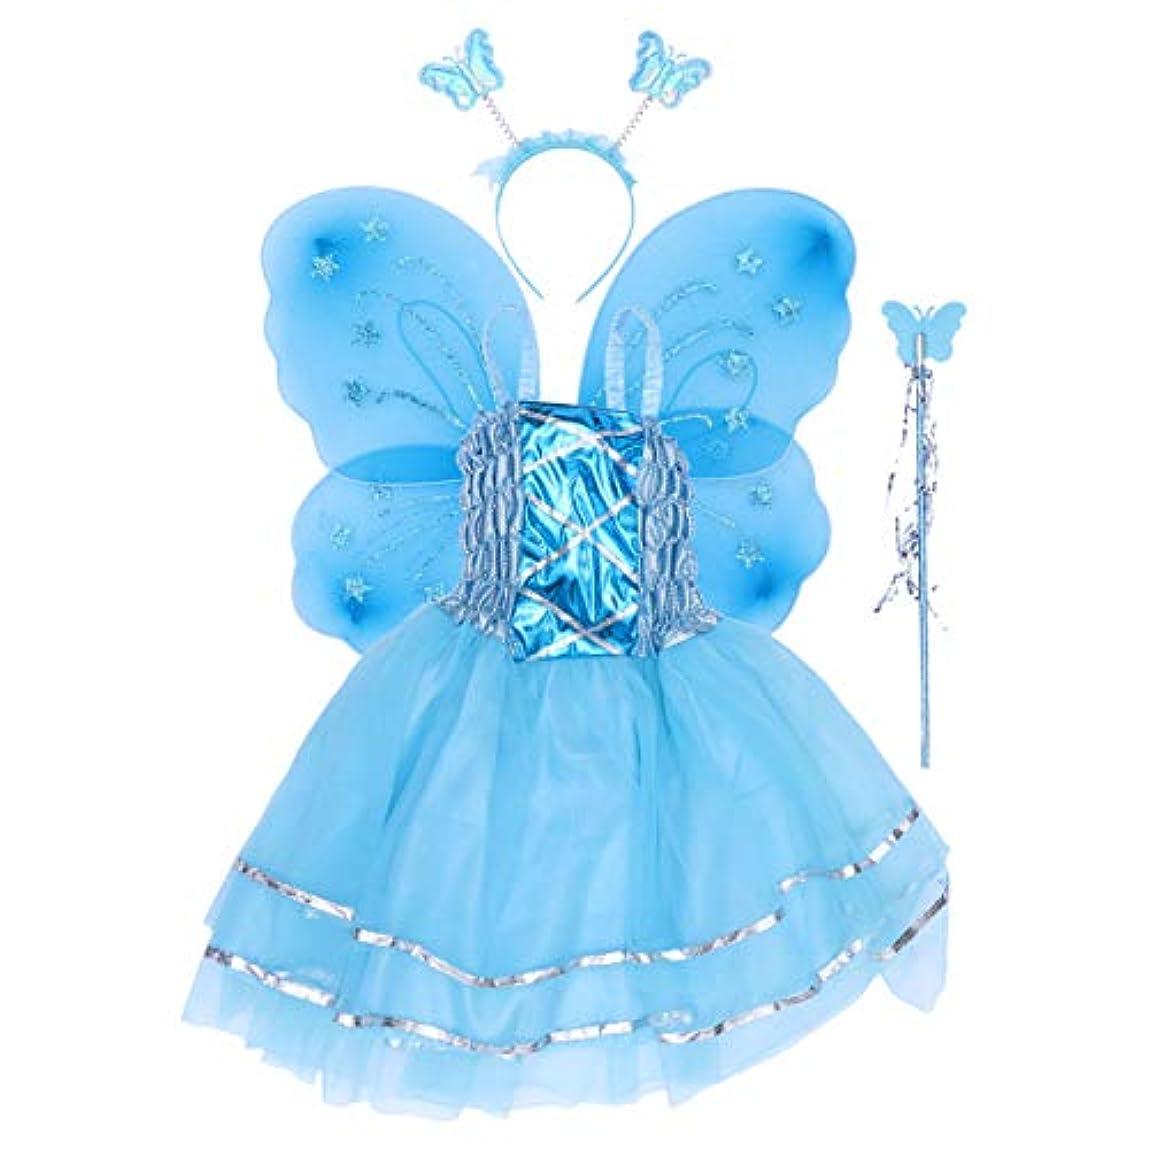 お気に入りピカソベーリング海峡BESTOYARD 蝶の羽、ワンド、ヘッドバンド、ツツードレス(スカイブルー)と4個の女の子バタフライプリンセス妖精のコスチュームセット